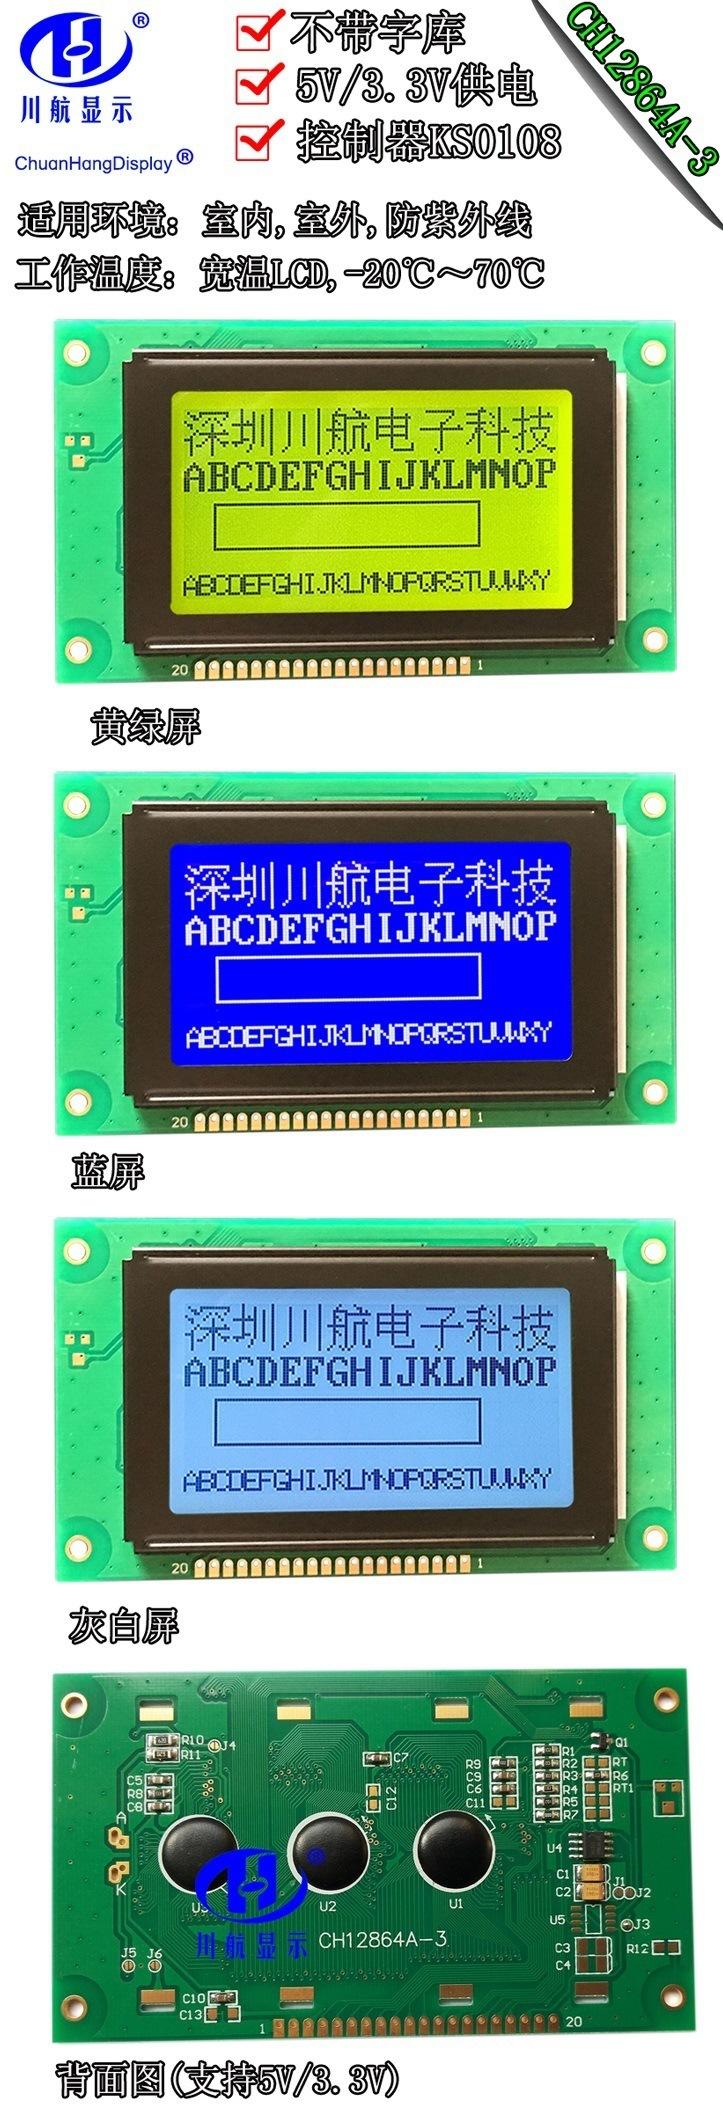 CH12864A4-PCB-描述